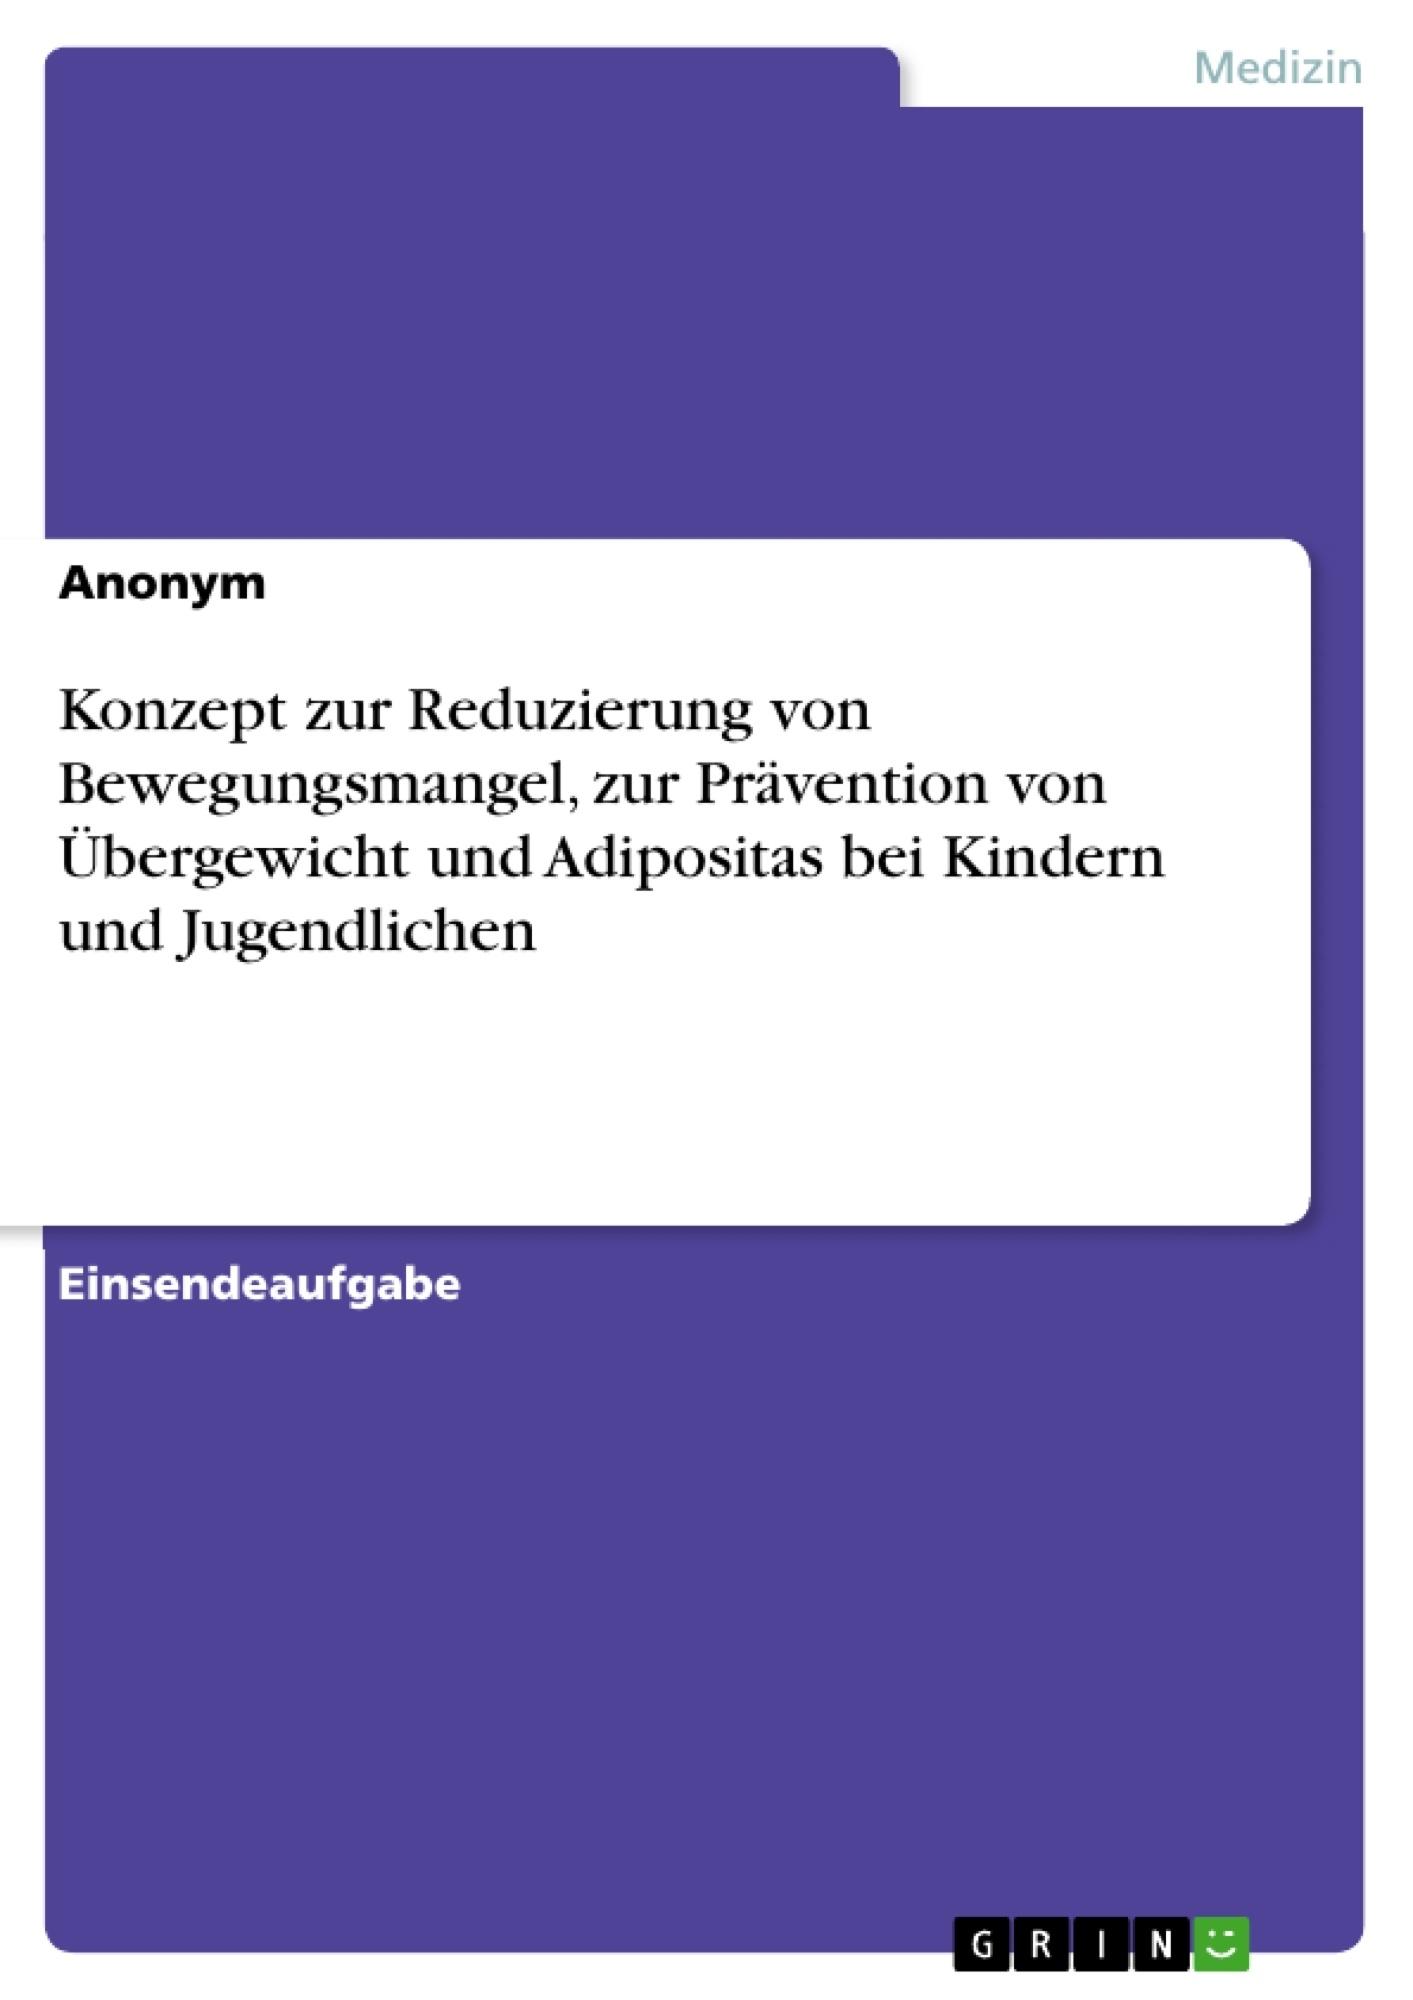 Titel: Konzept zur Reduzierung von Bewegungsmangel, zur Prävention von Übergewicht und Adipositas bei Kindern und Jugendlichen